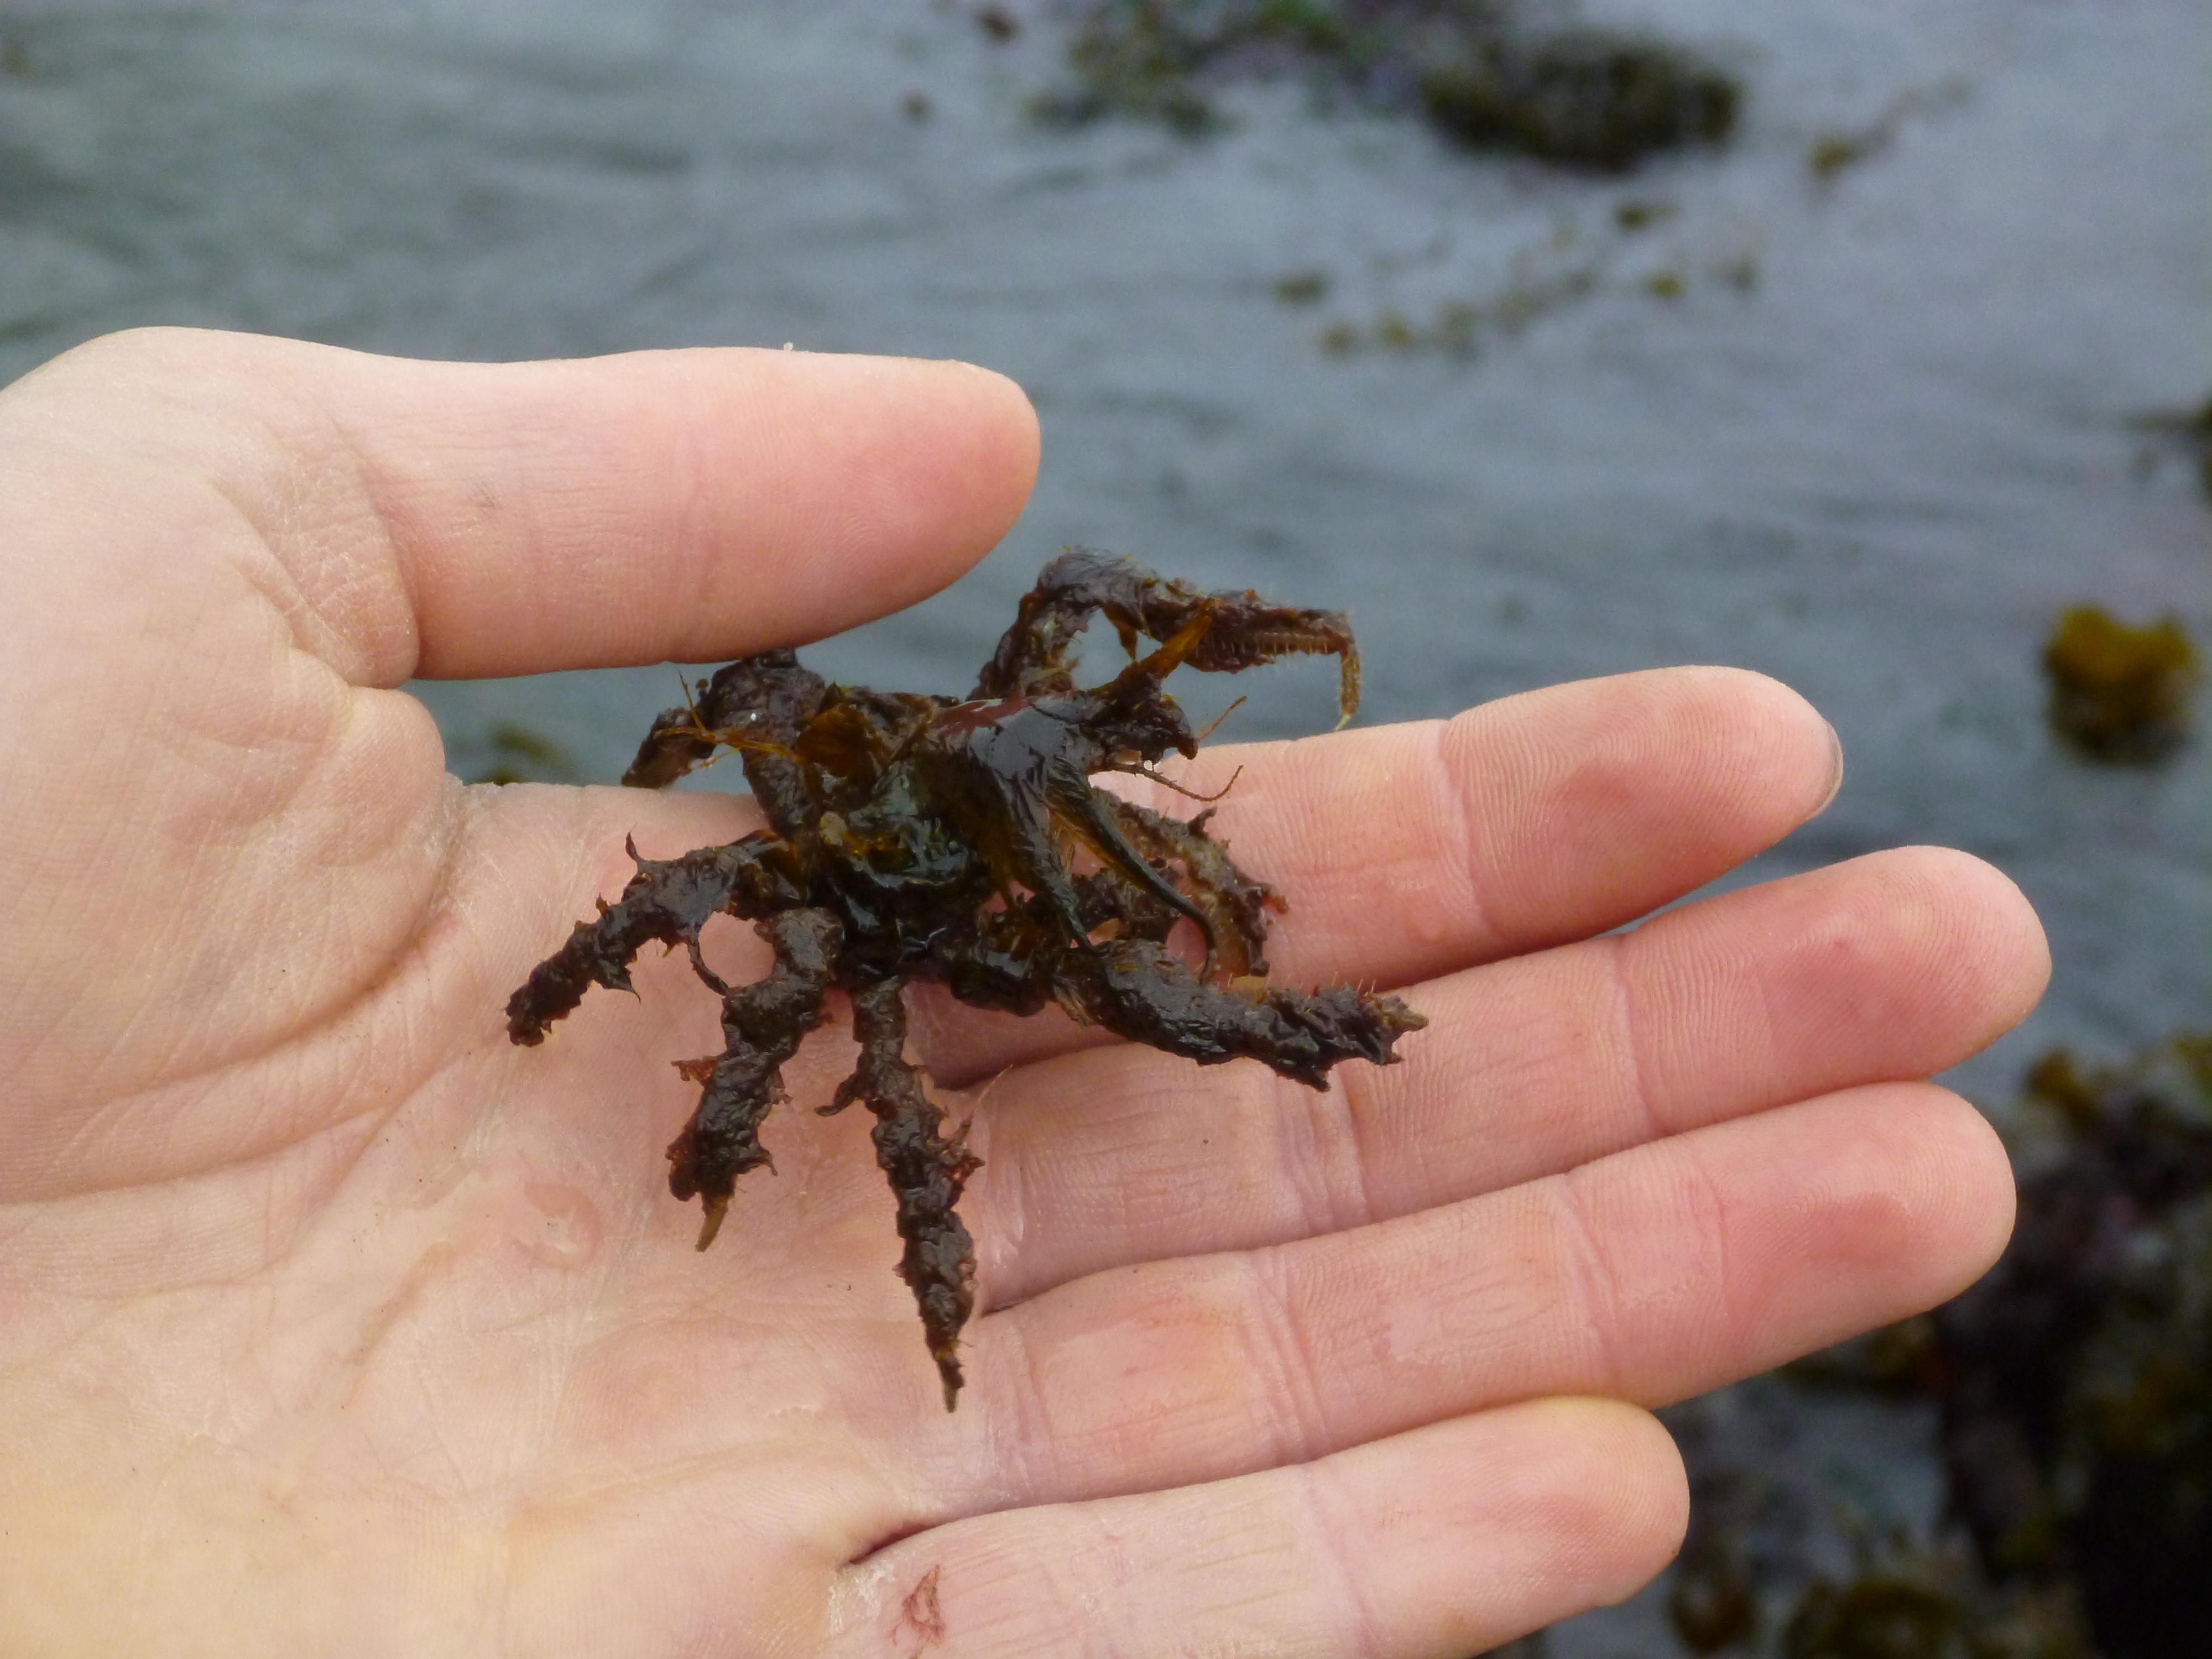 decorator crab2 - Photo Decorator